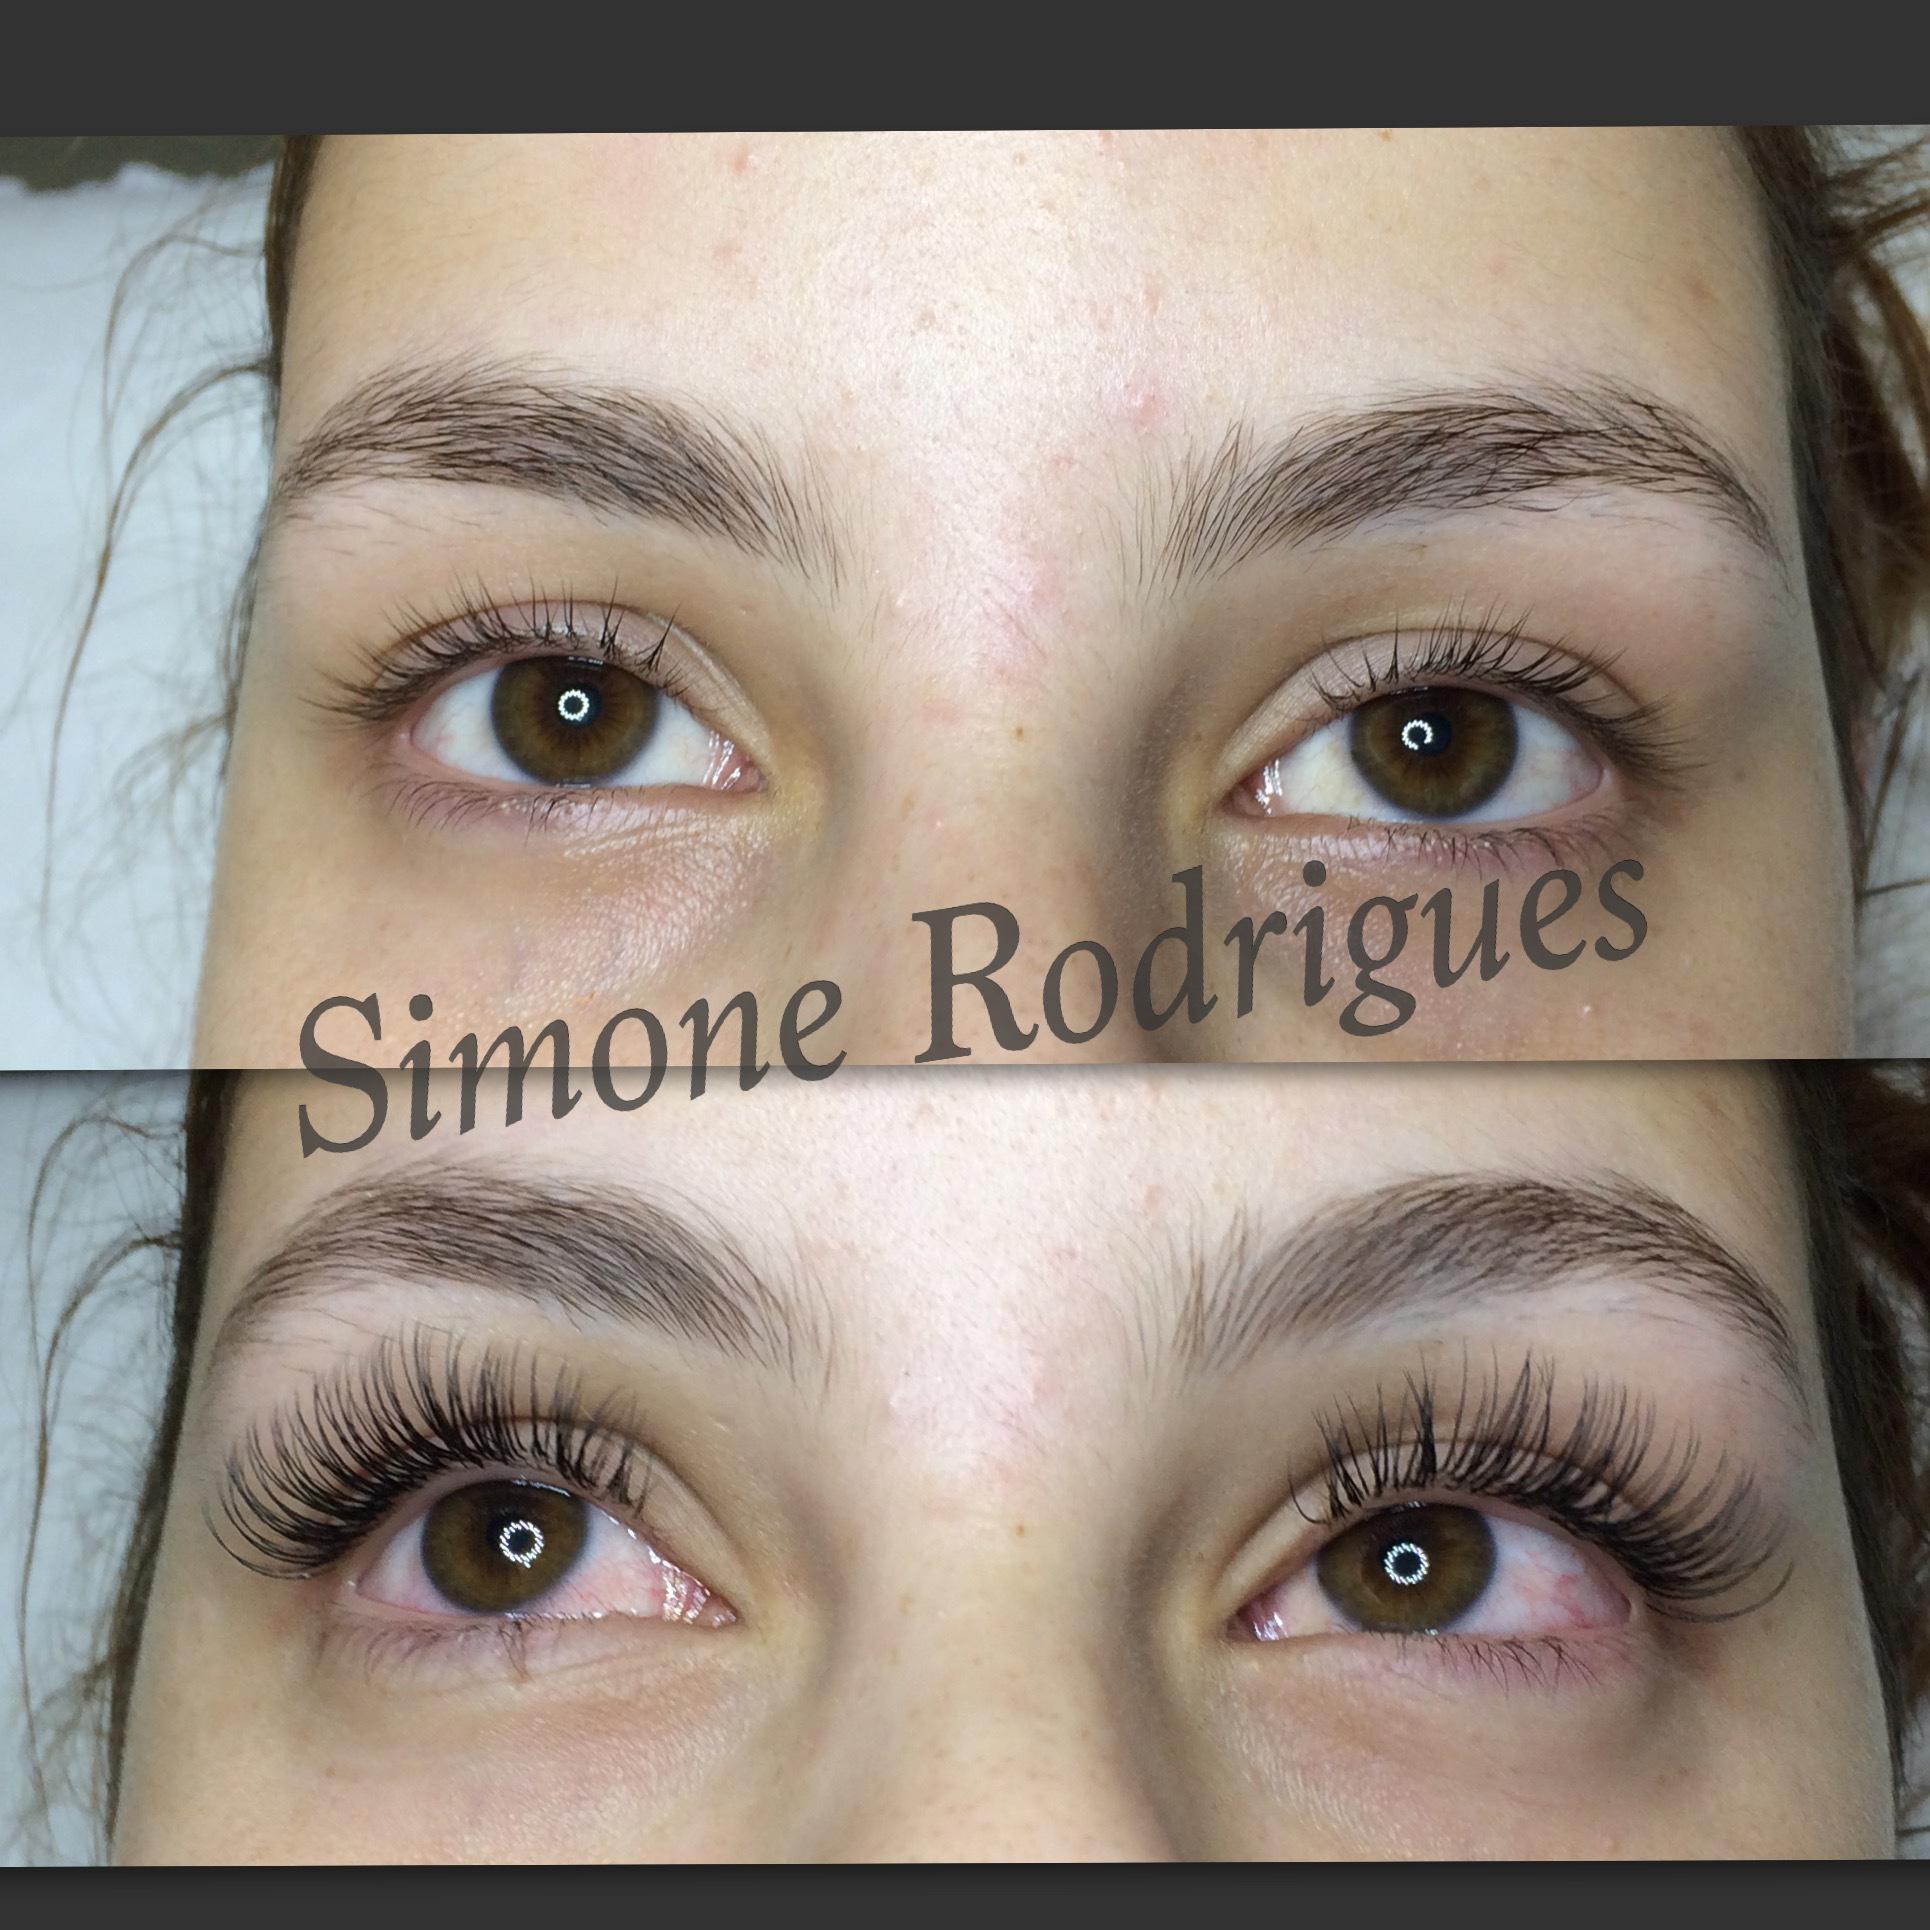 #extensaodecilios #alongamentodecilios #simonerodriguesdepil outros designer de sobrancelhas esteticista depilador(a) micropigmentador(a)